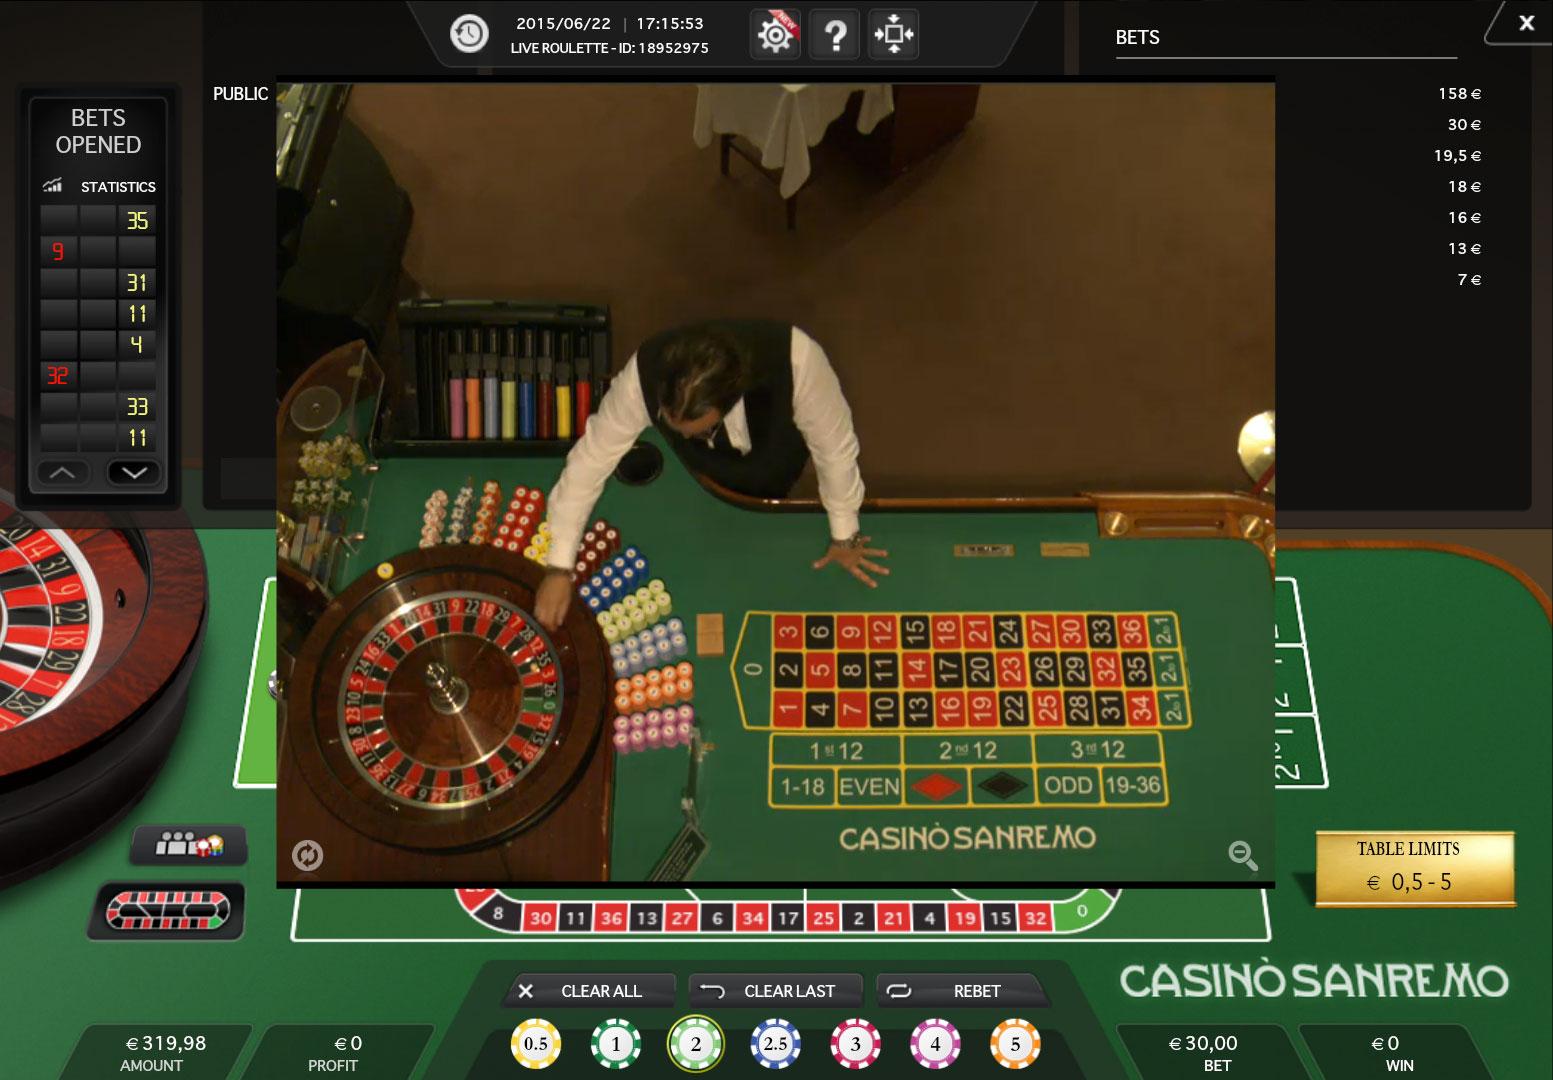 Casino sanremo puntata minima roulette